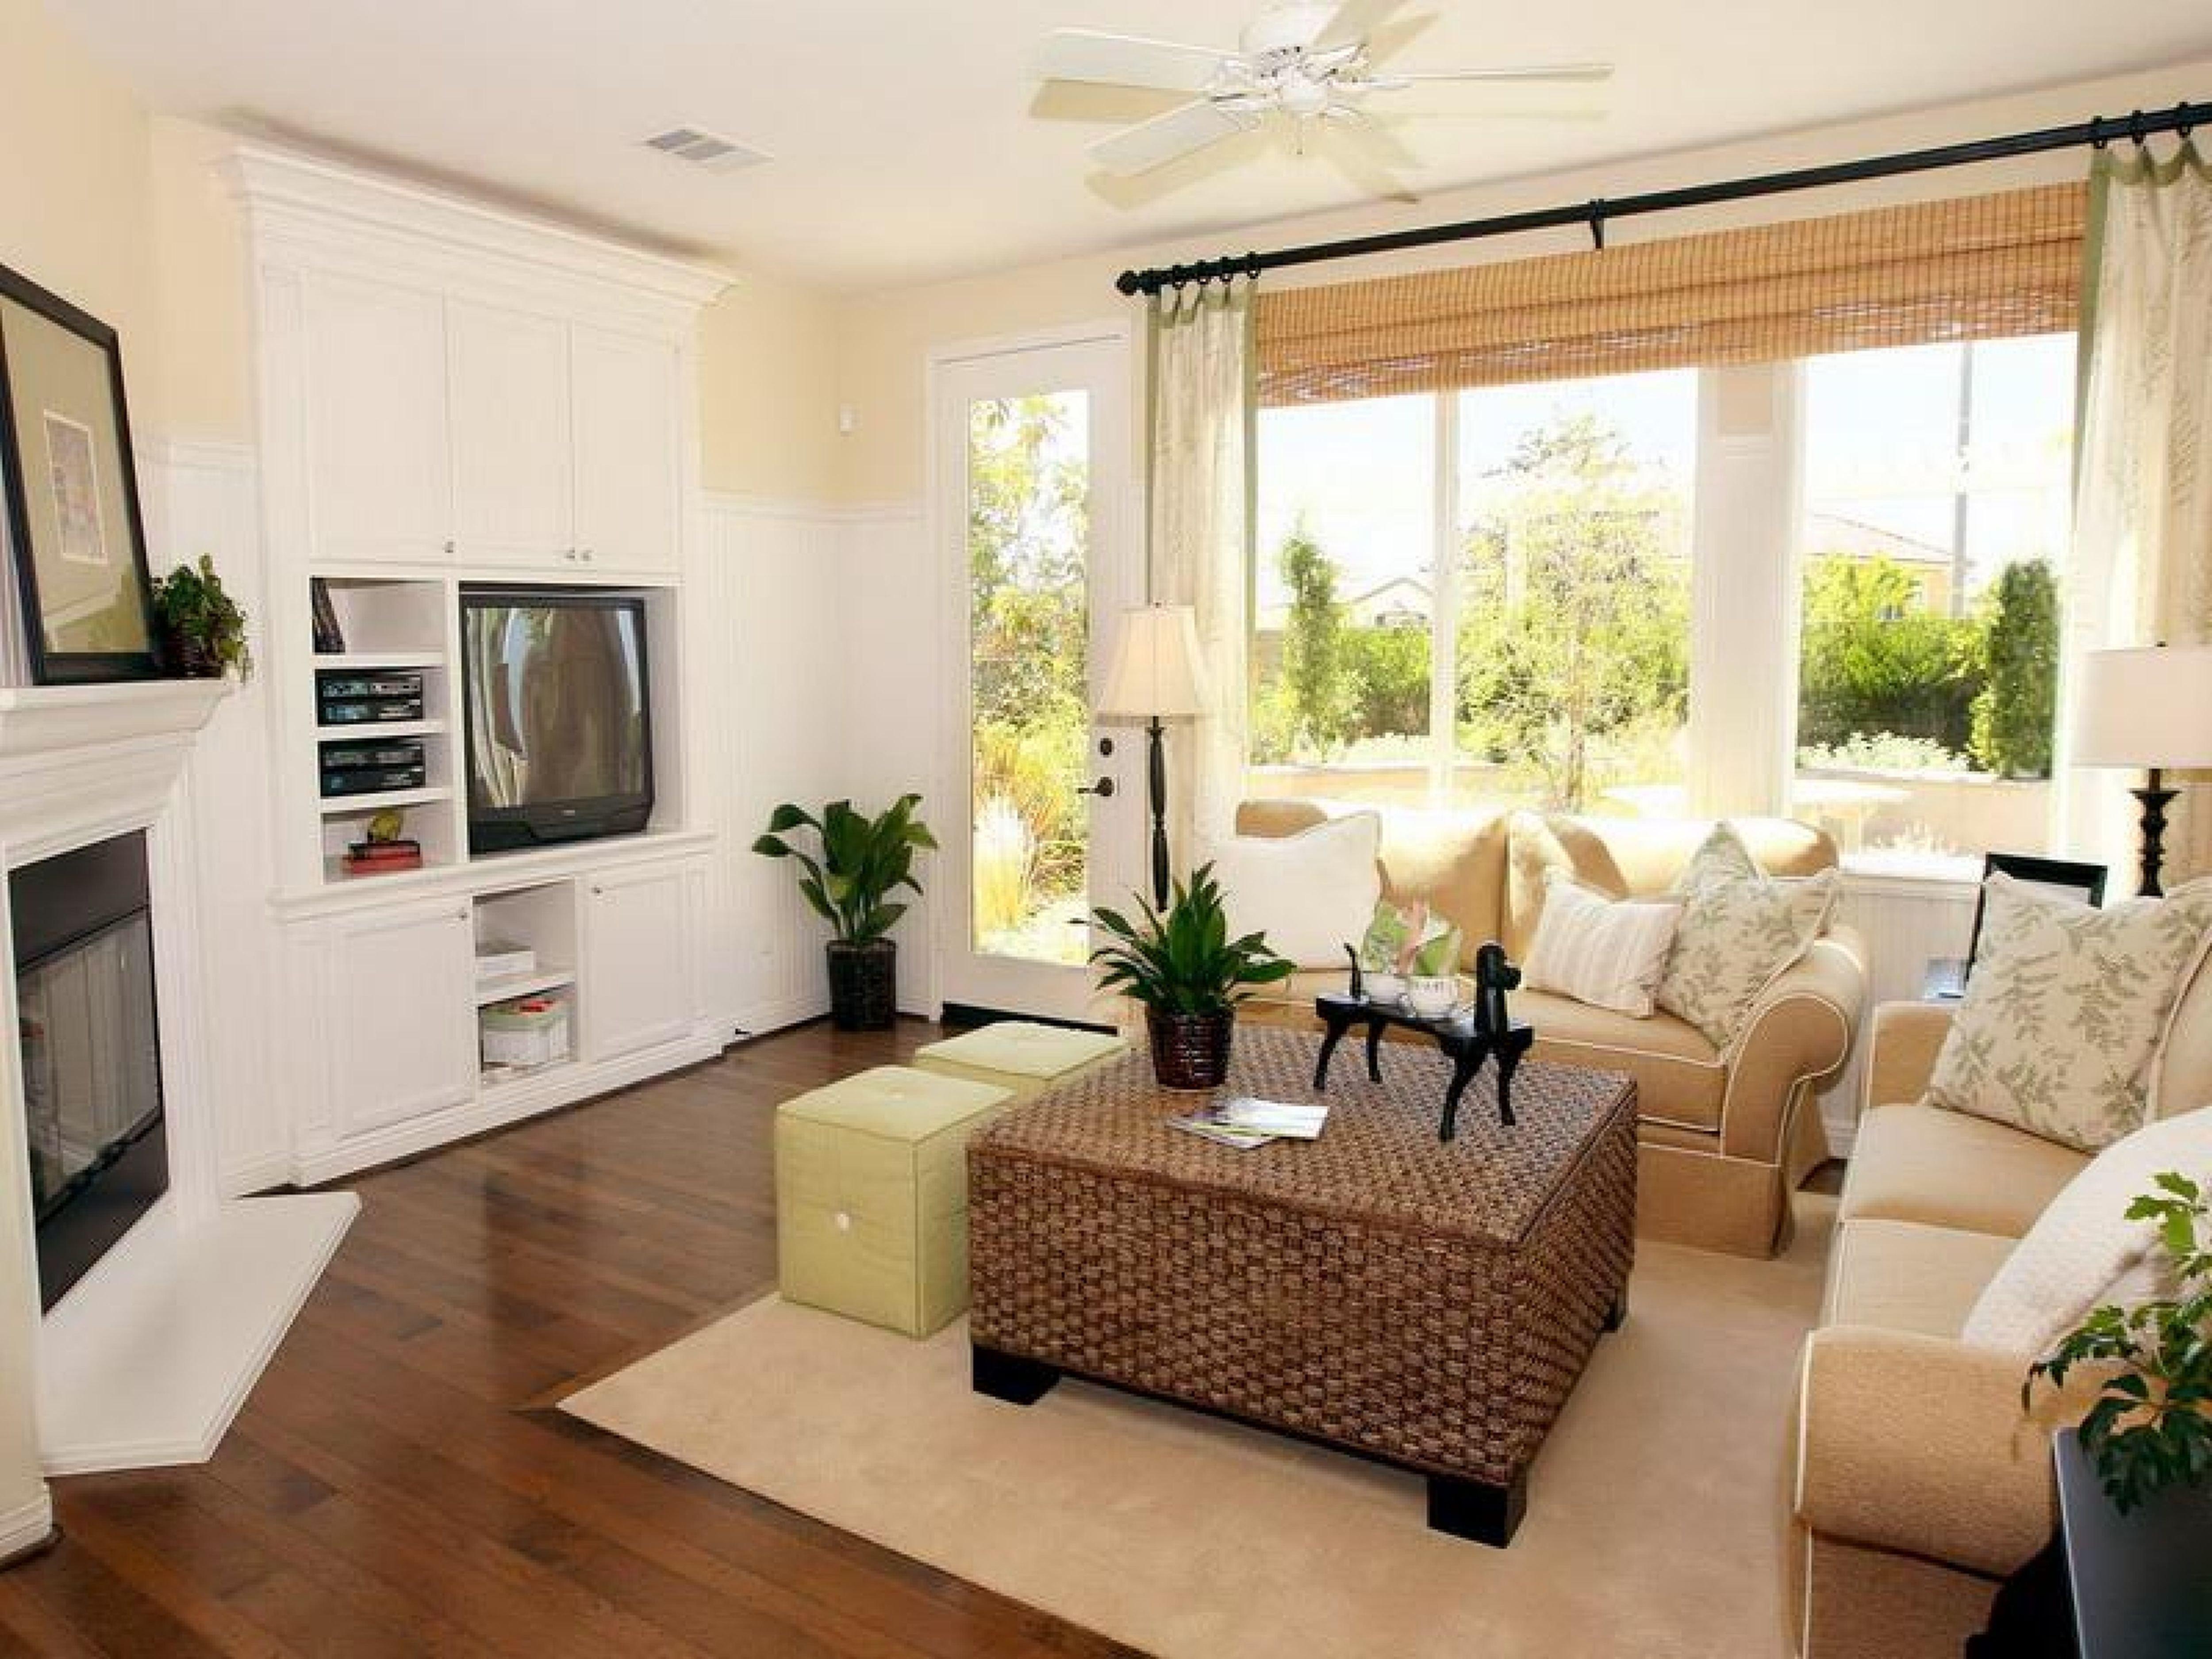 Cute Small Living Room Ideas Fresh Cute Small Apartment Living Room Ideas La Apartment Décor Pinterest